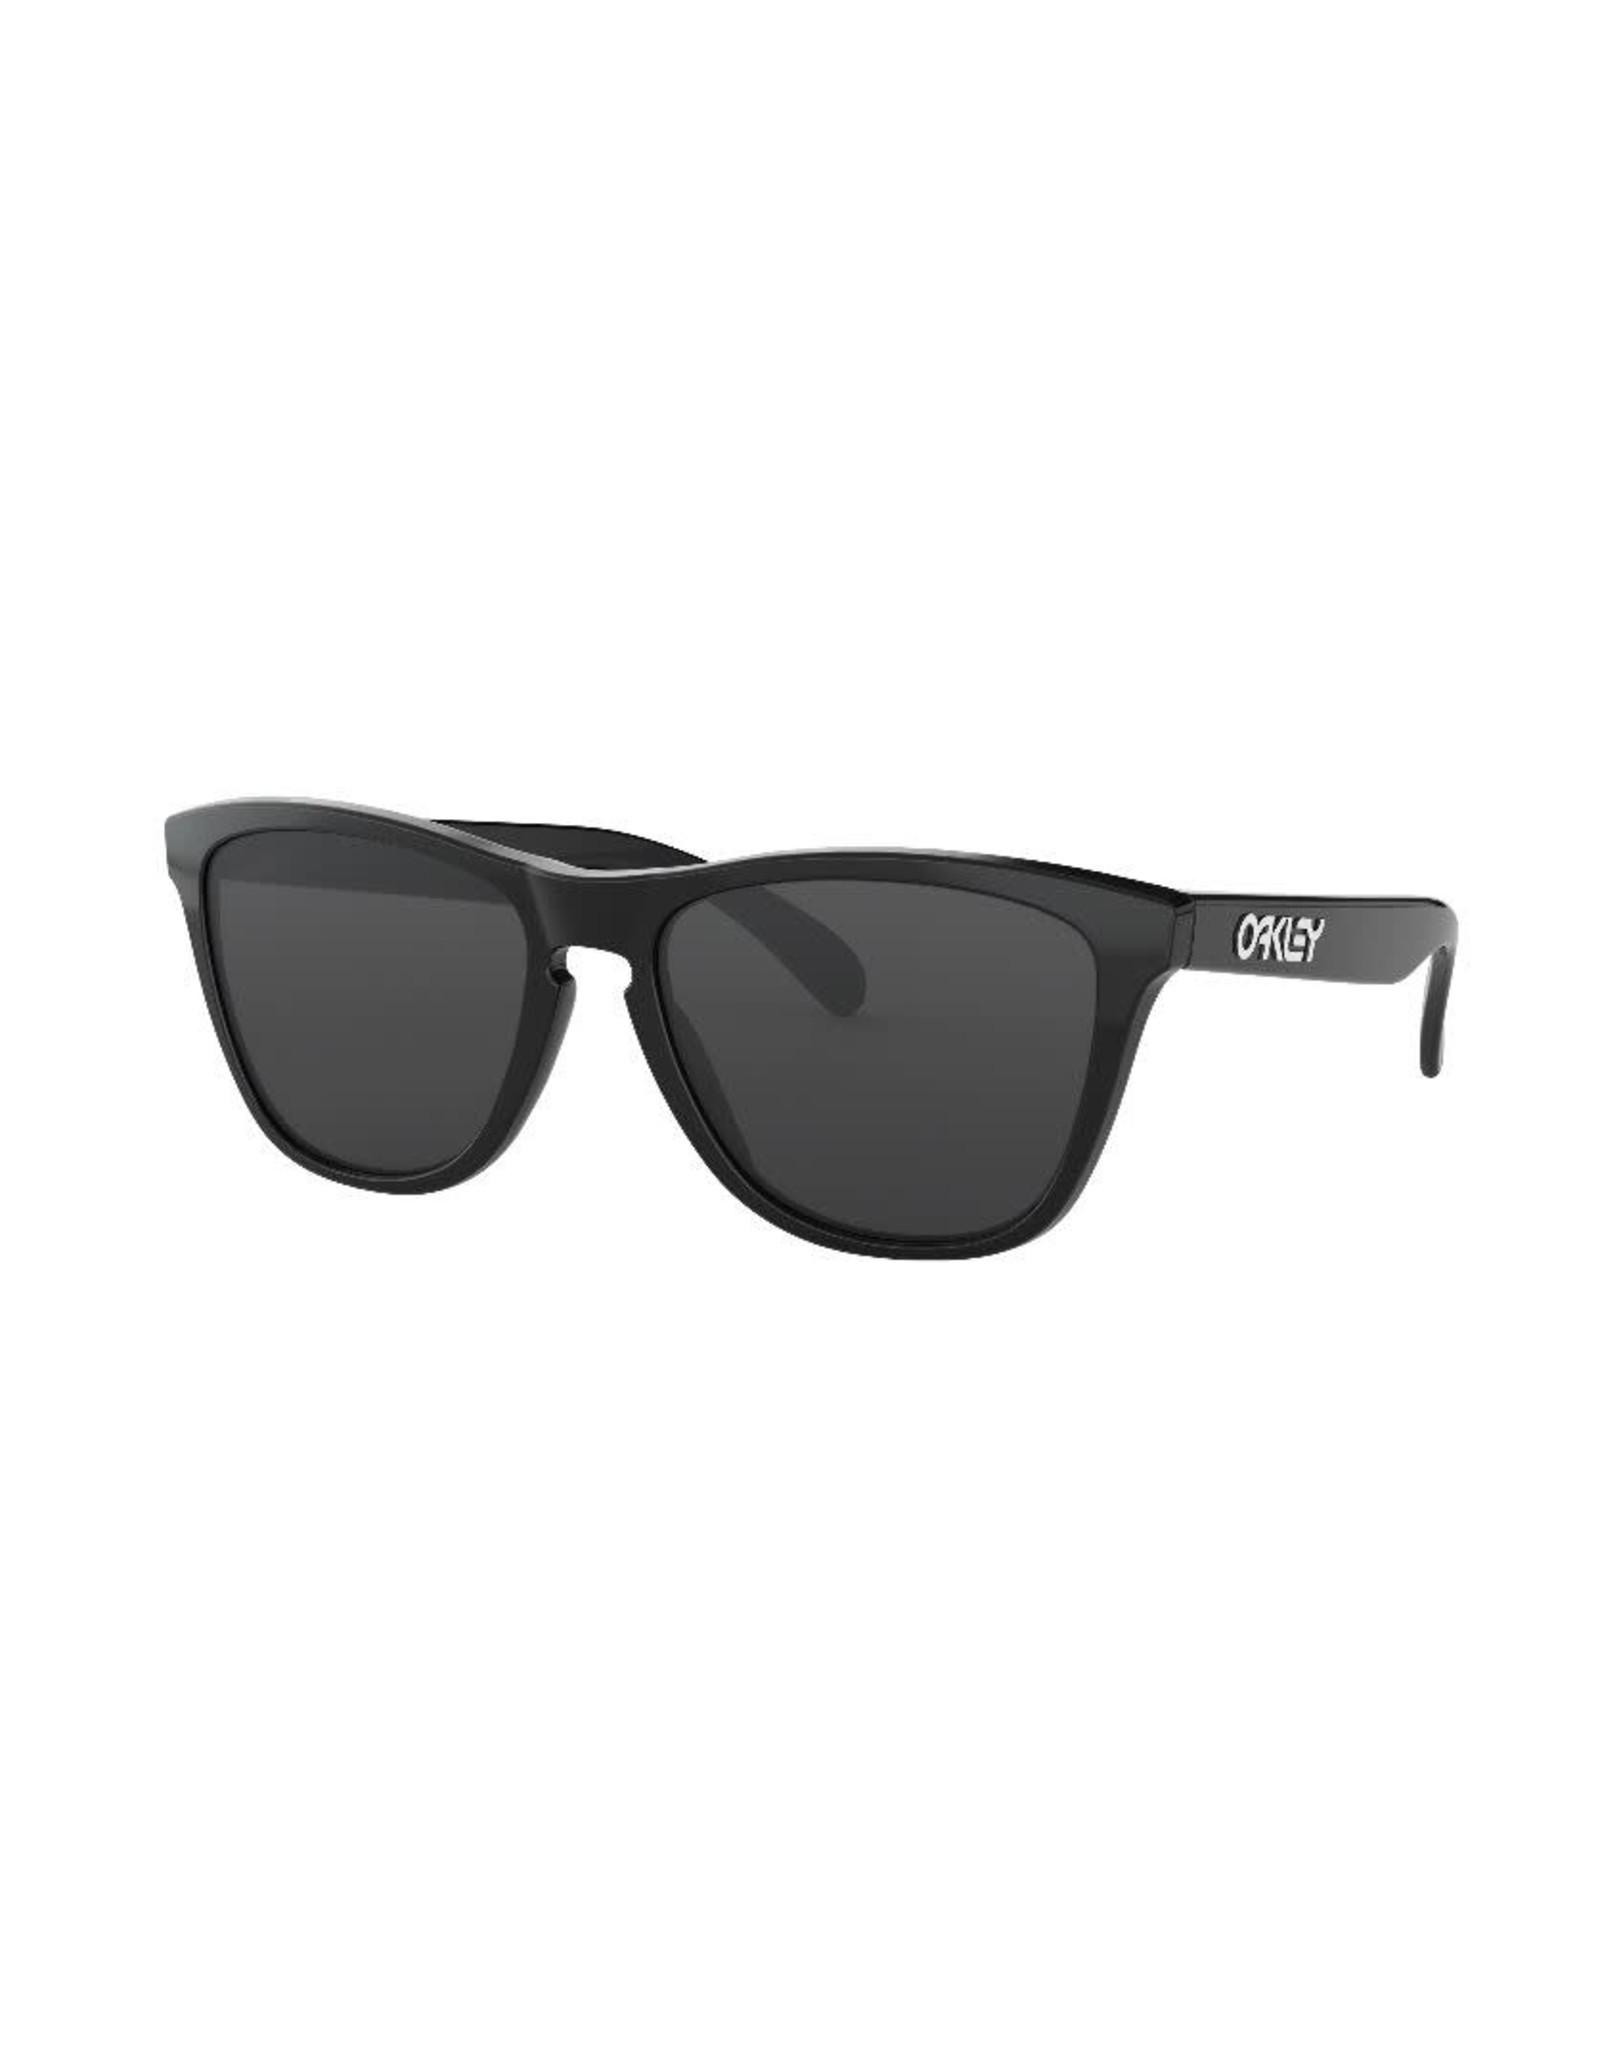 Oakley Oakley - Lunette soleil femme frogskins polished black/lens grey